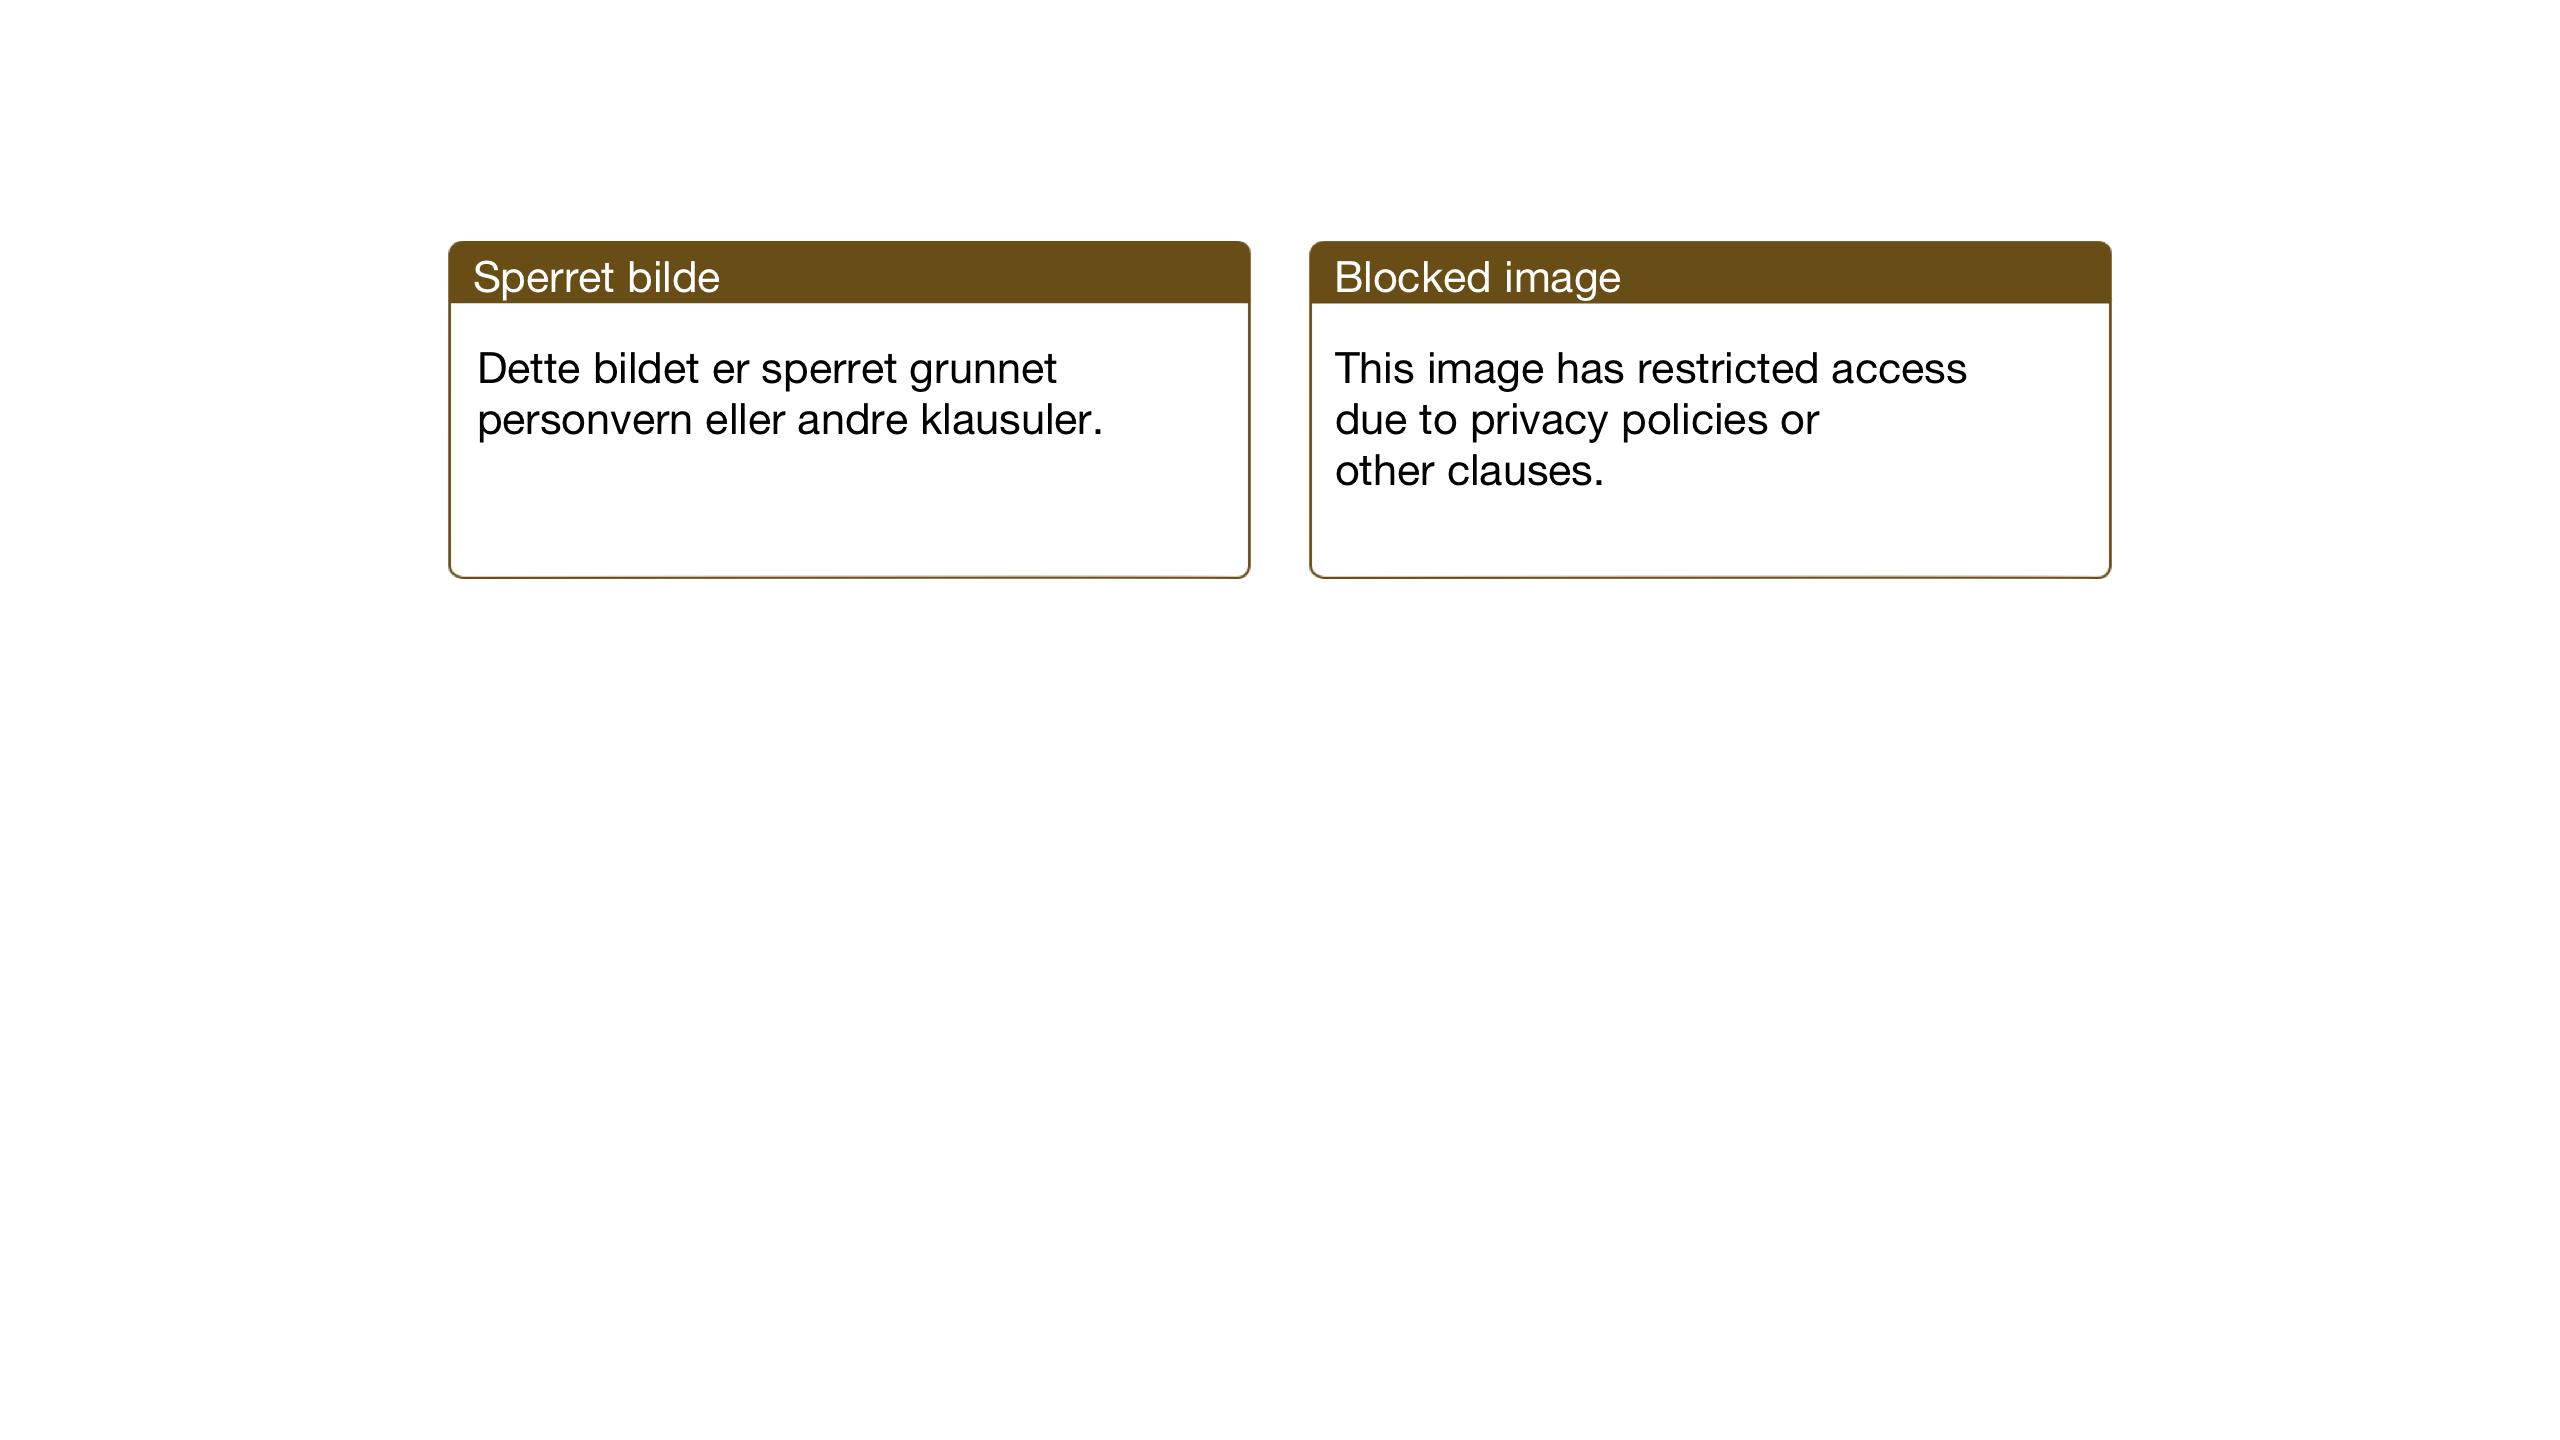 SAT, Ministerialprotokoller, klokkerbøker og fødselsregistre - Nord-Trøndelag, 709/L0089: Klokkerbok nr. 709C03, 1935-1948, s. 151